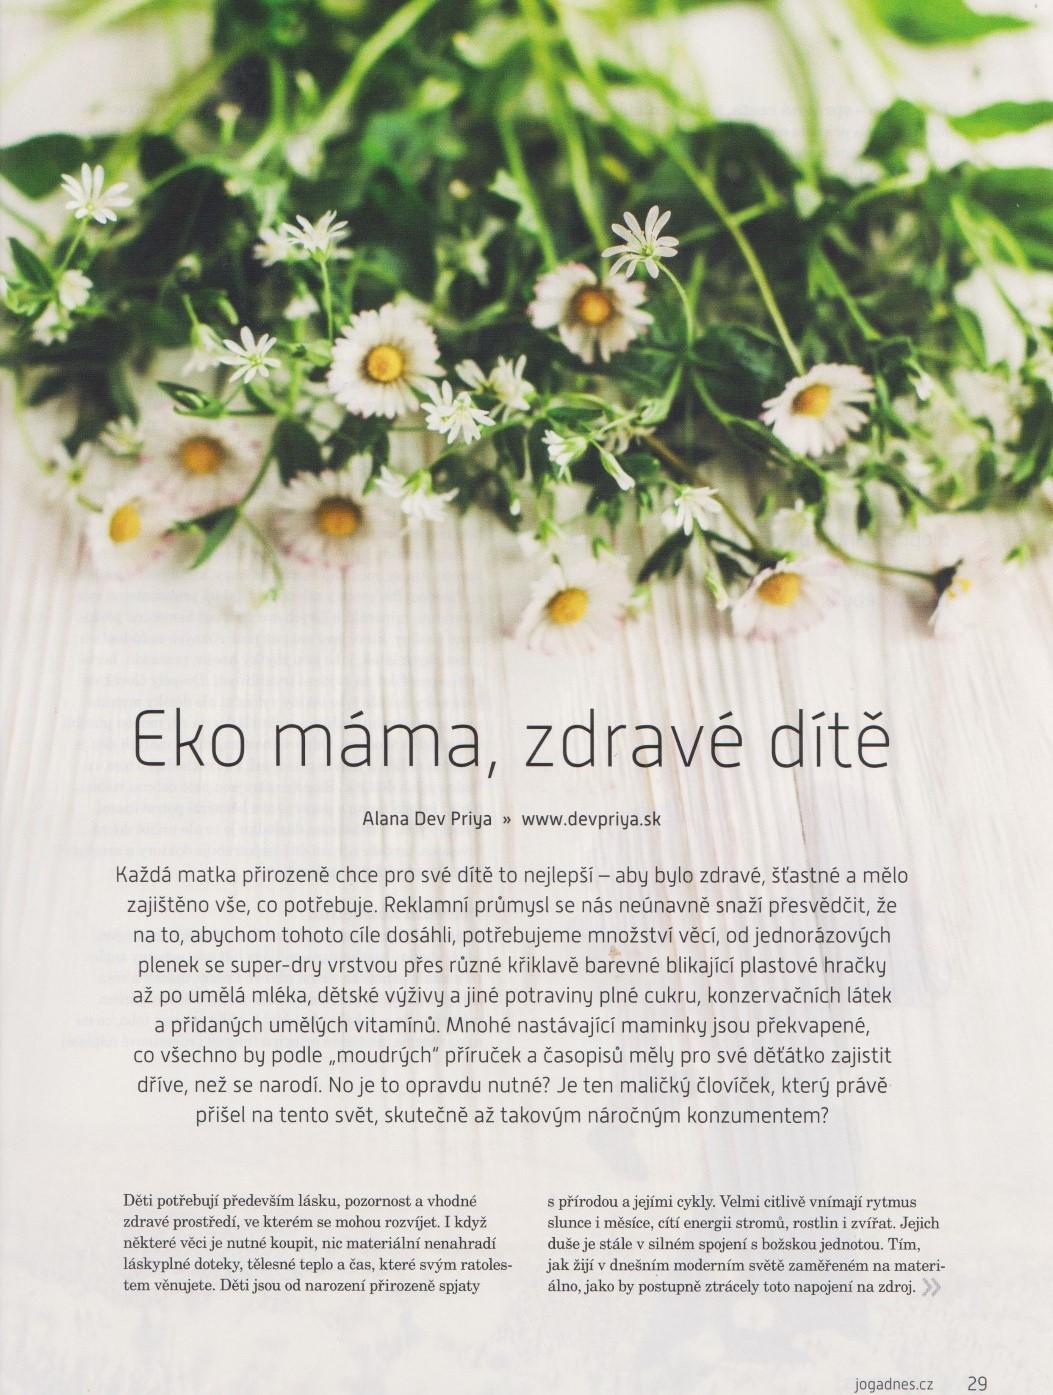 Eko máma, zdravé dítě